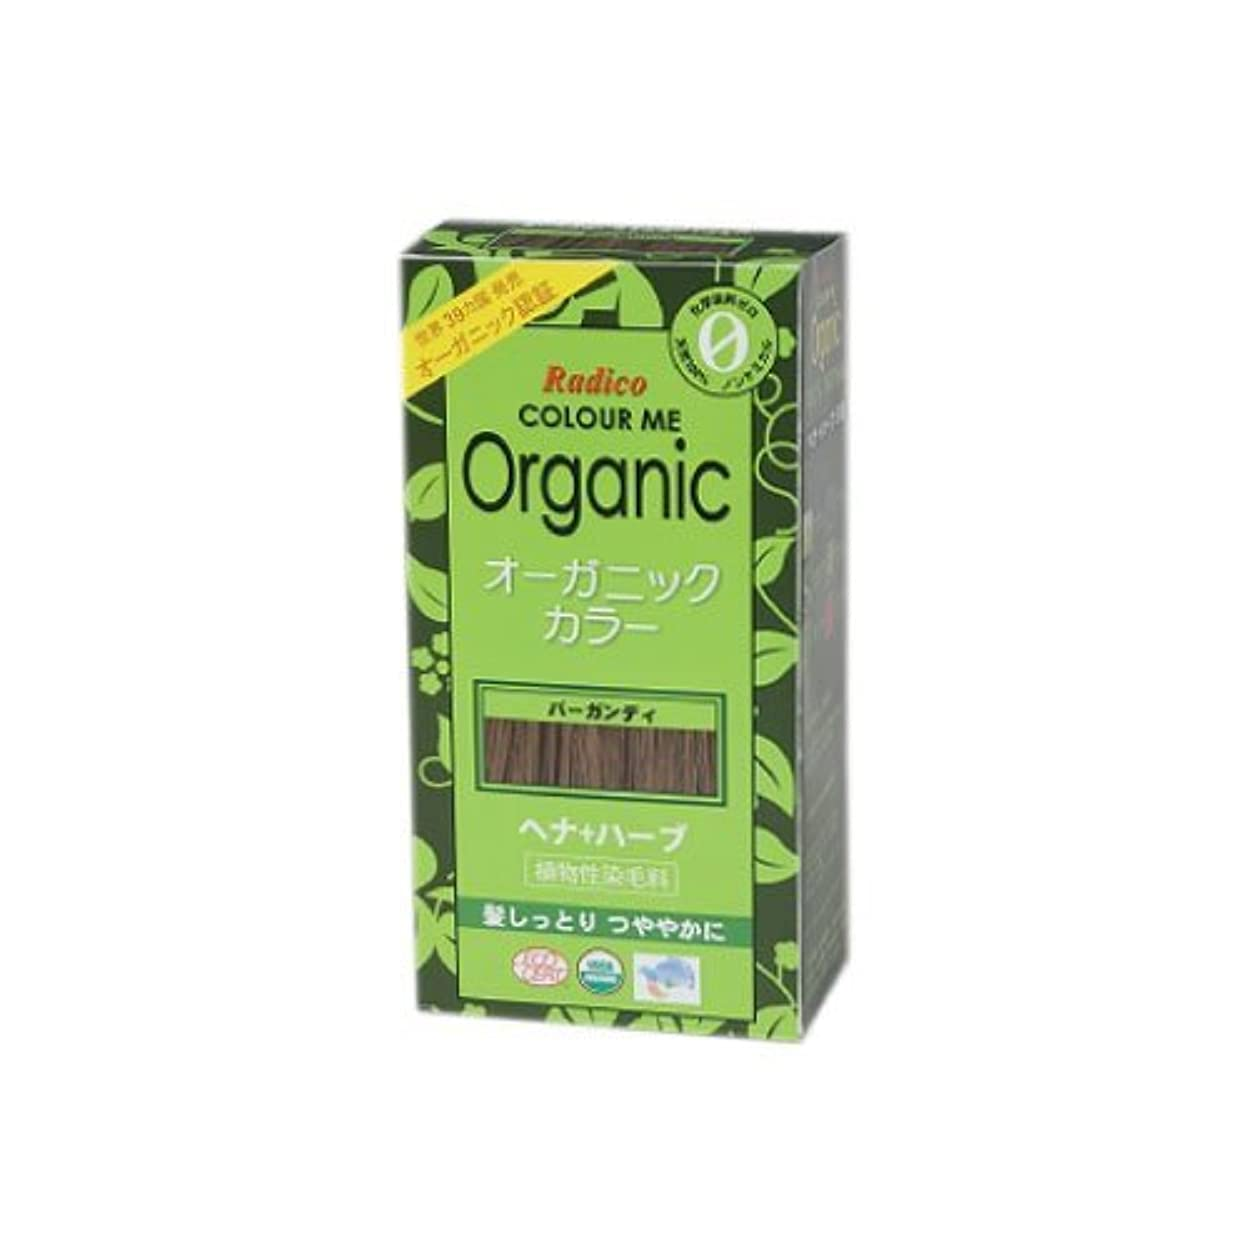 ええ地域もちろんCOLOURME Organic (カラーミーオーガニック ヘナ 白髪用) バーガンディ 100g